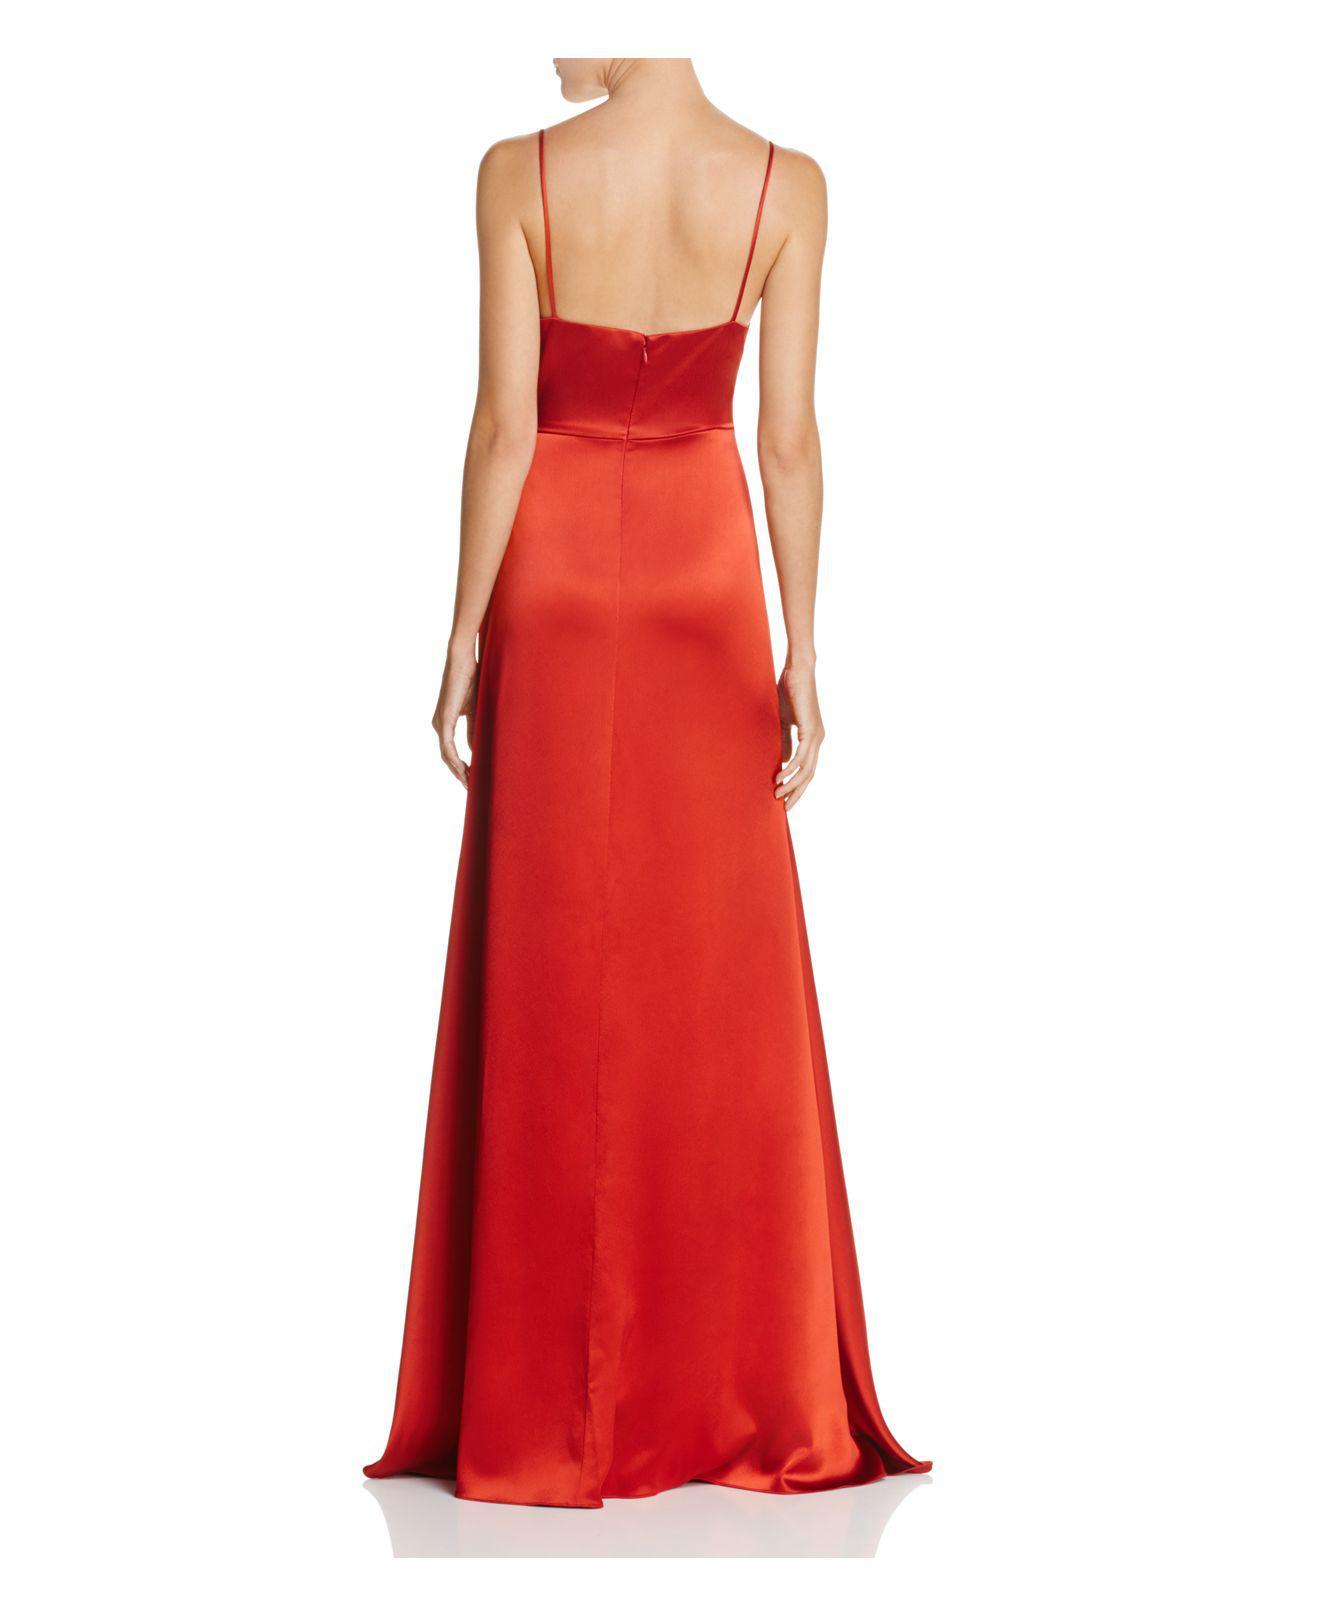 Jill Jill Stuart Satin Wrap Slip Dress In Red Lyst